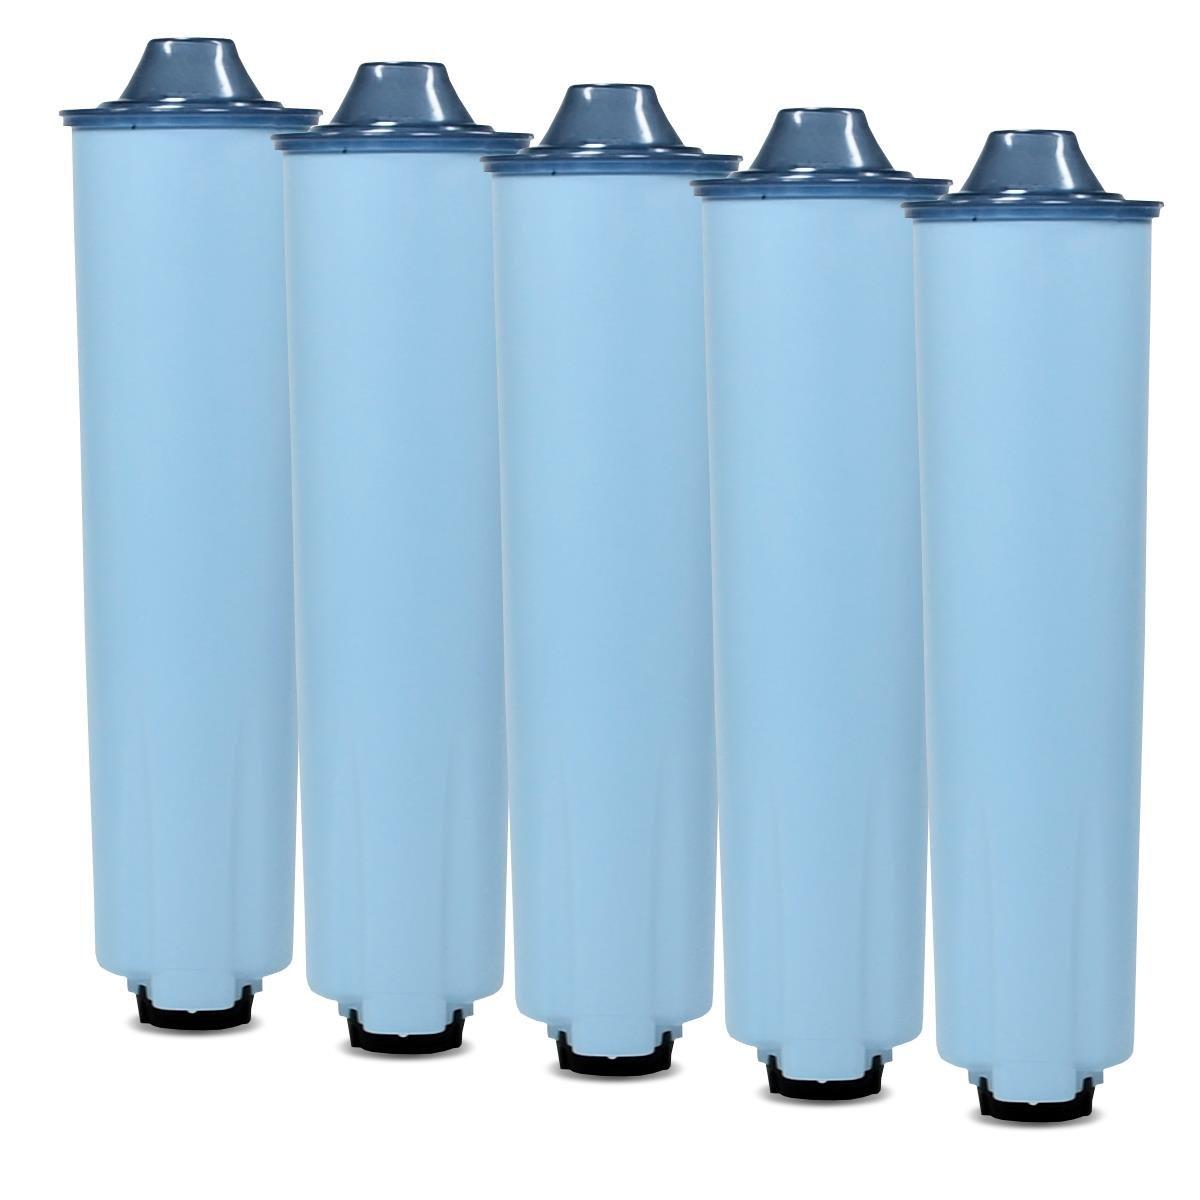 5 steckbare blaue Kartuschen passend für Jura® Kaffeemaschinen mit ENA Claris blue Patrone Scanpart